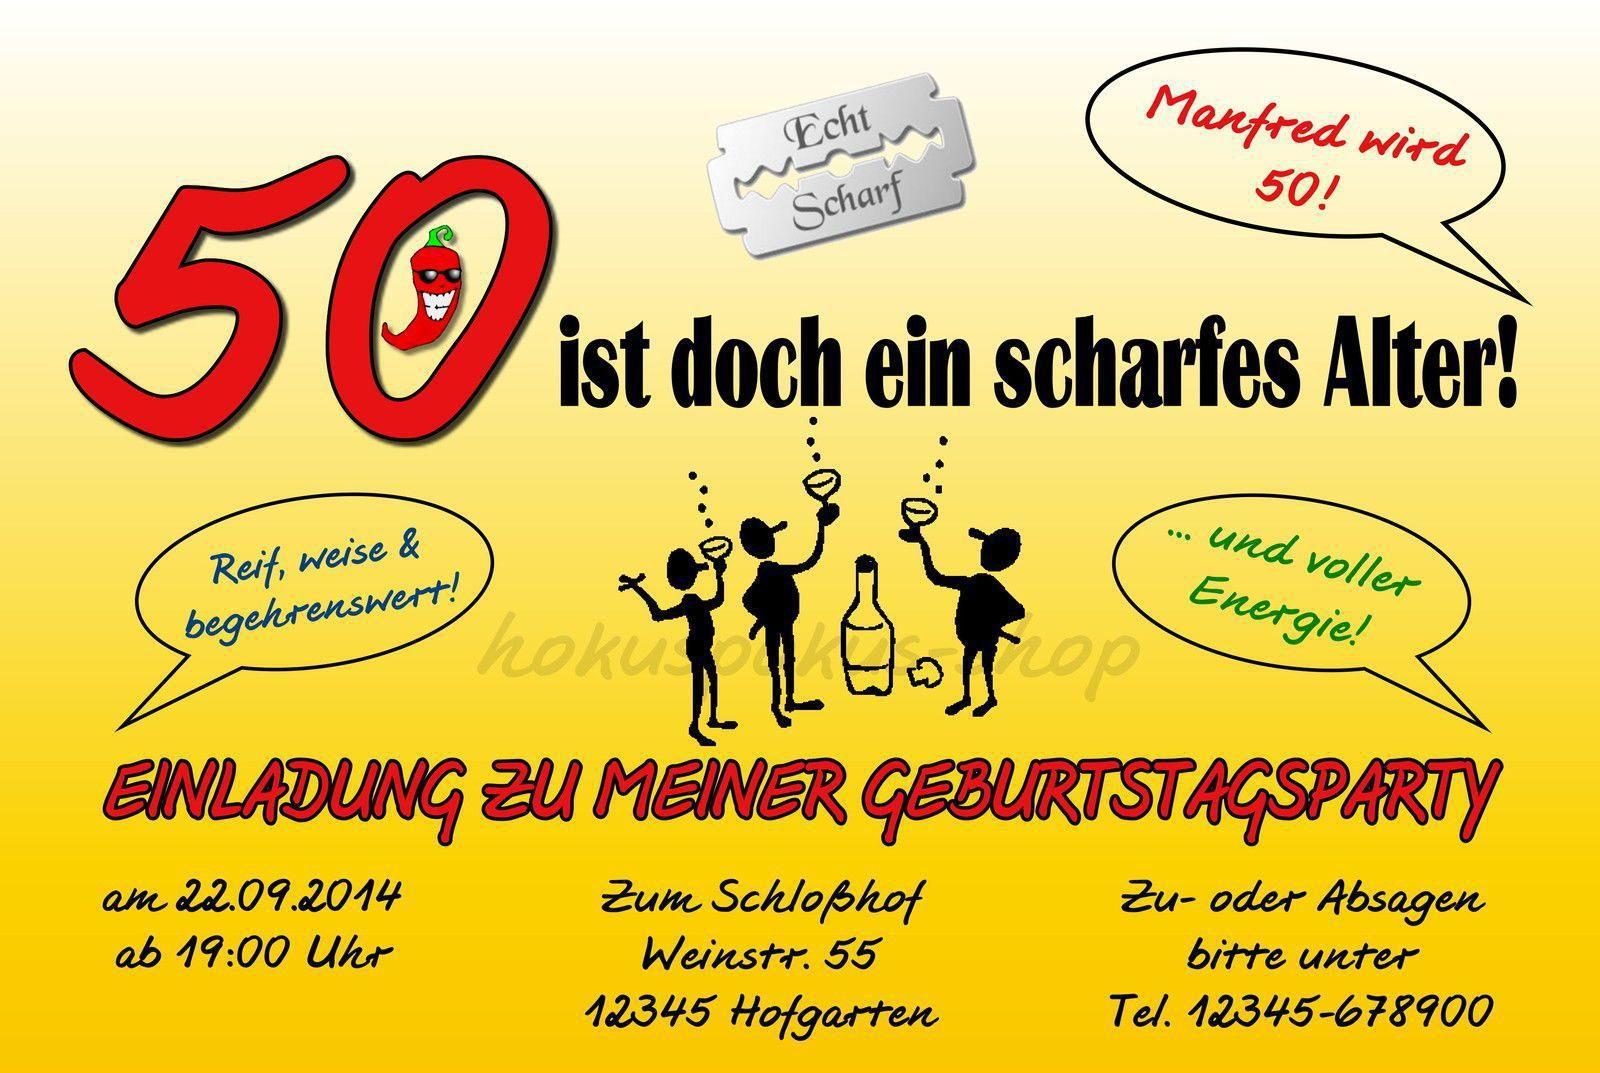 einladungskarte 50 geburtstag : einladungskarte 50